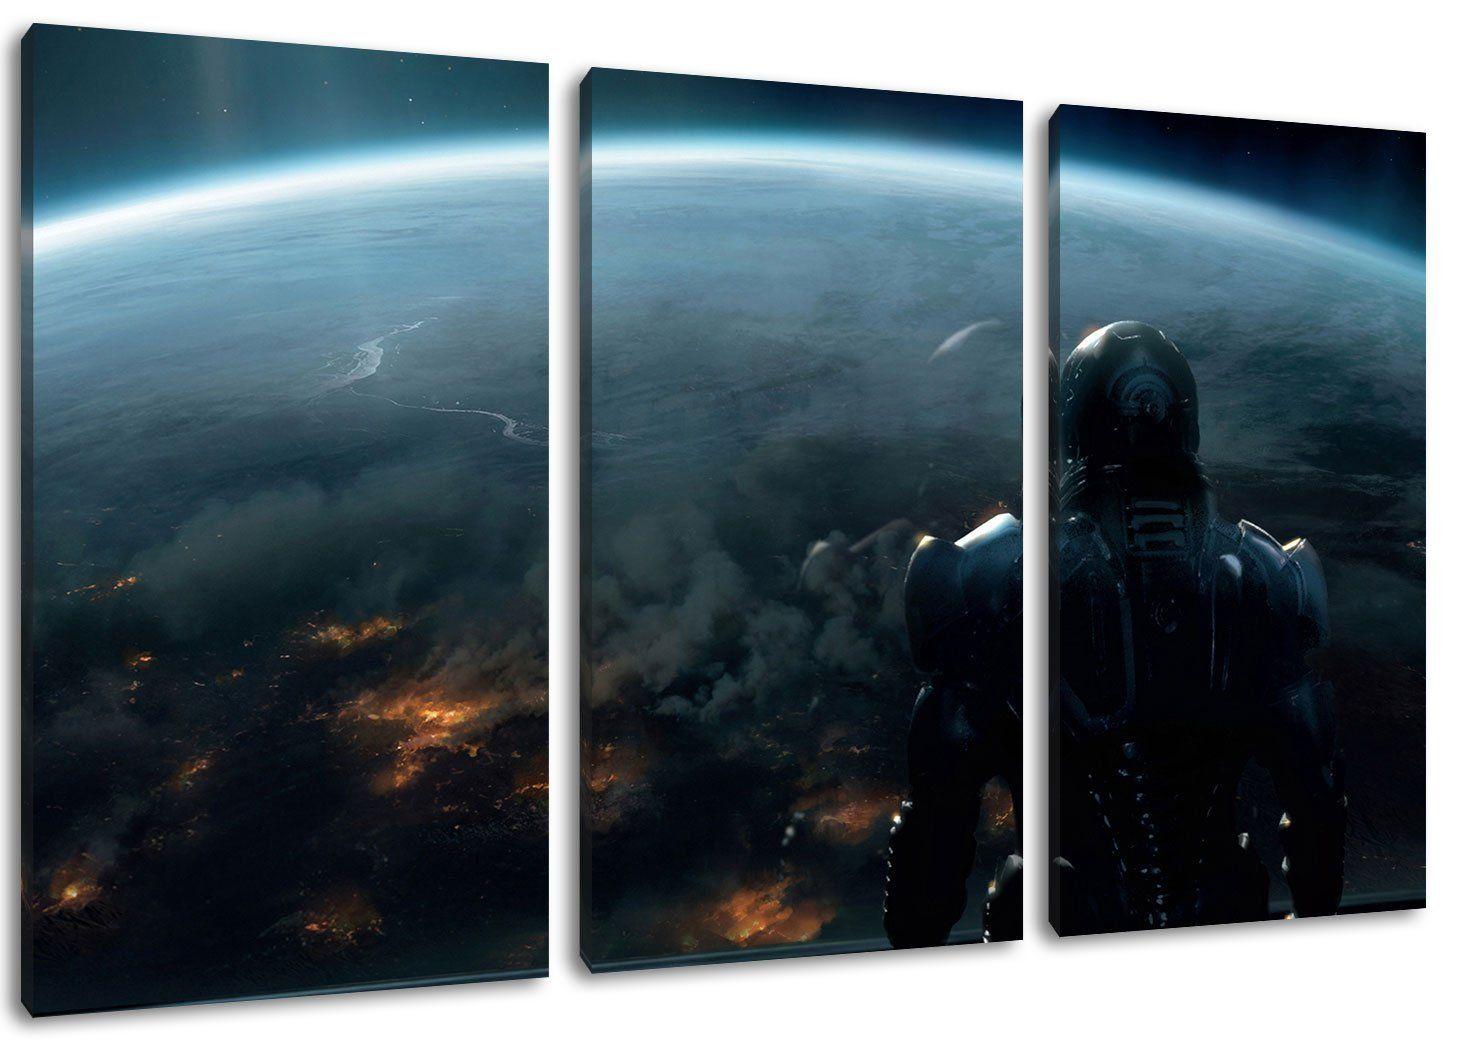 mass effect motiv 3 teilig auf leinwand gesamtformat 120x80 cm hochwertiger kunstdruck als wandbild billiger ein olbild ach plakat foto poster günstige fotoleinwand online bestellen